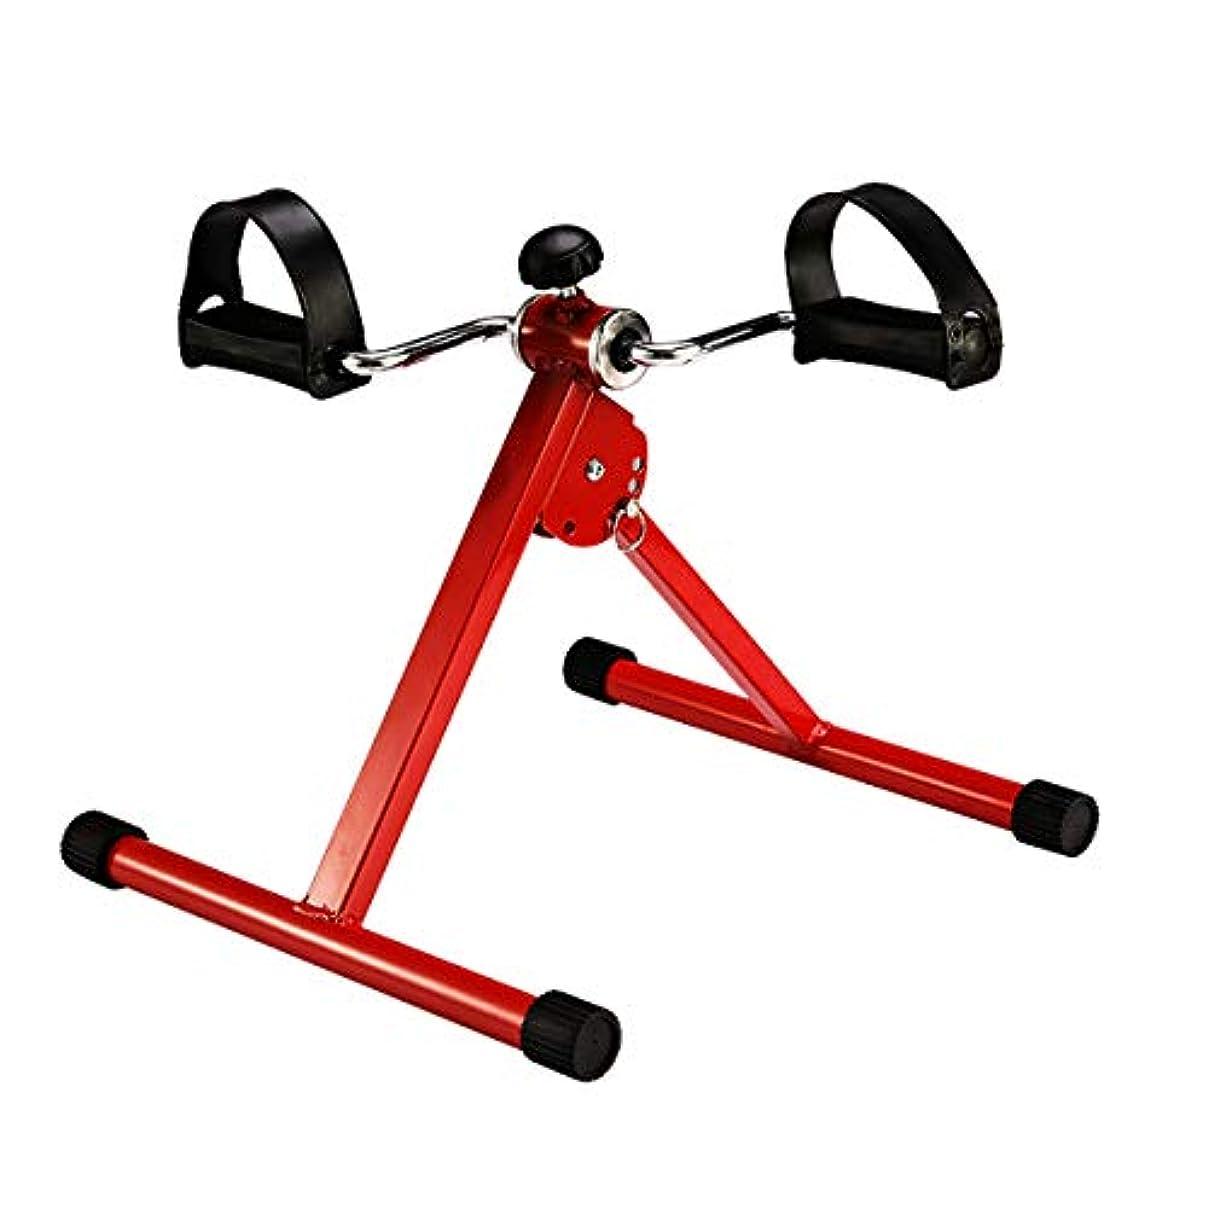 手のひら骨折大量ペダルエクササイザー、ホーム理学療法フィットネスミニバイク高齢者身体障害者医療リハビリテーション体操カーディオフィットネストレーナー|ホームトレーナー|スピンエクササイズバイク,A